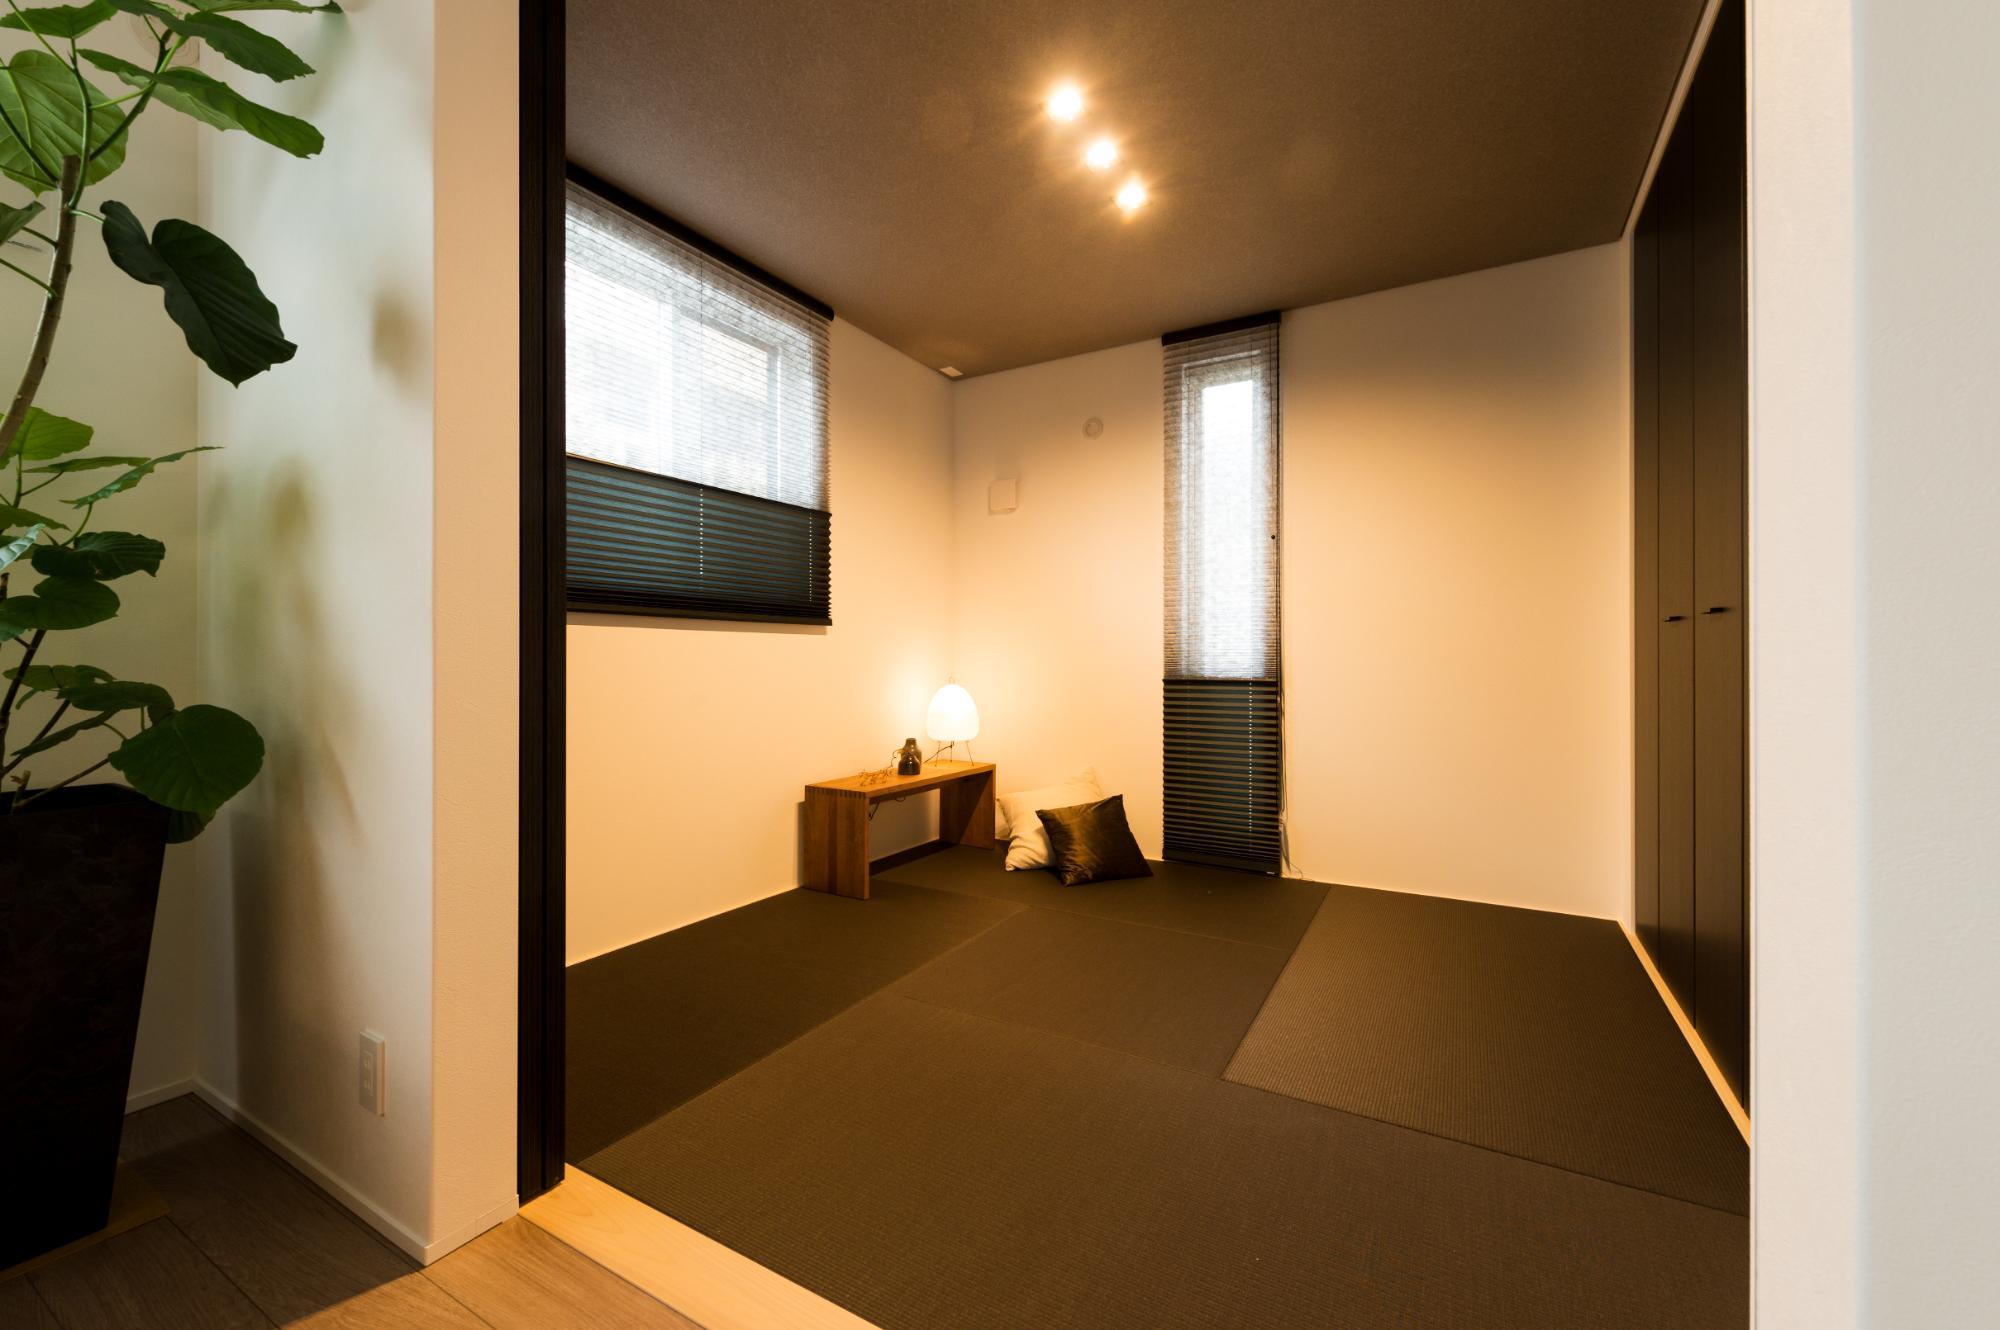 フクダハウジング株式会社「モノトーンコーディネートのスタイリッシュな家」の和風・和モダンな居室の実例写真